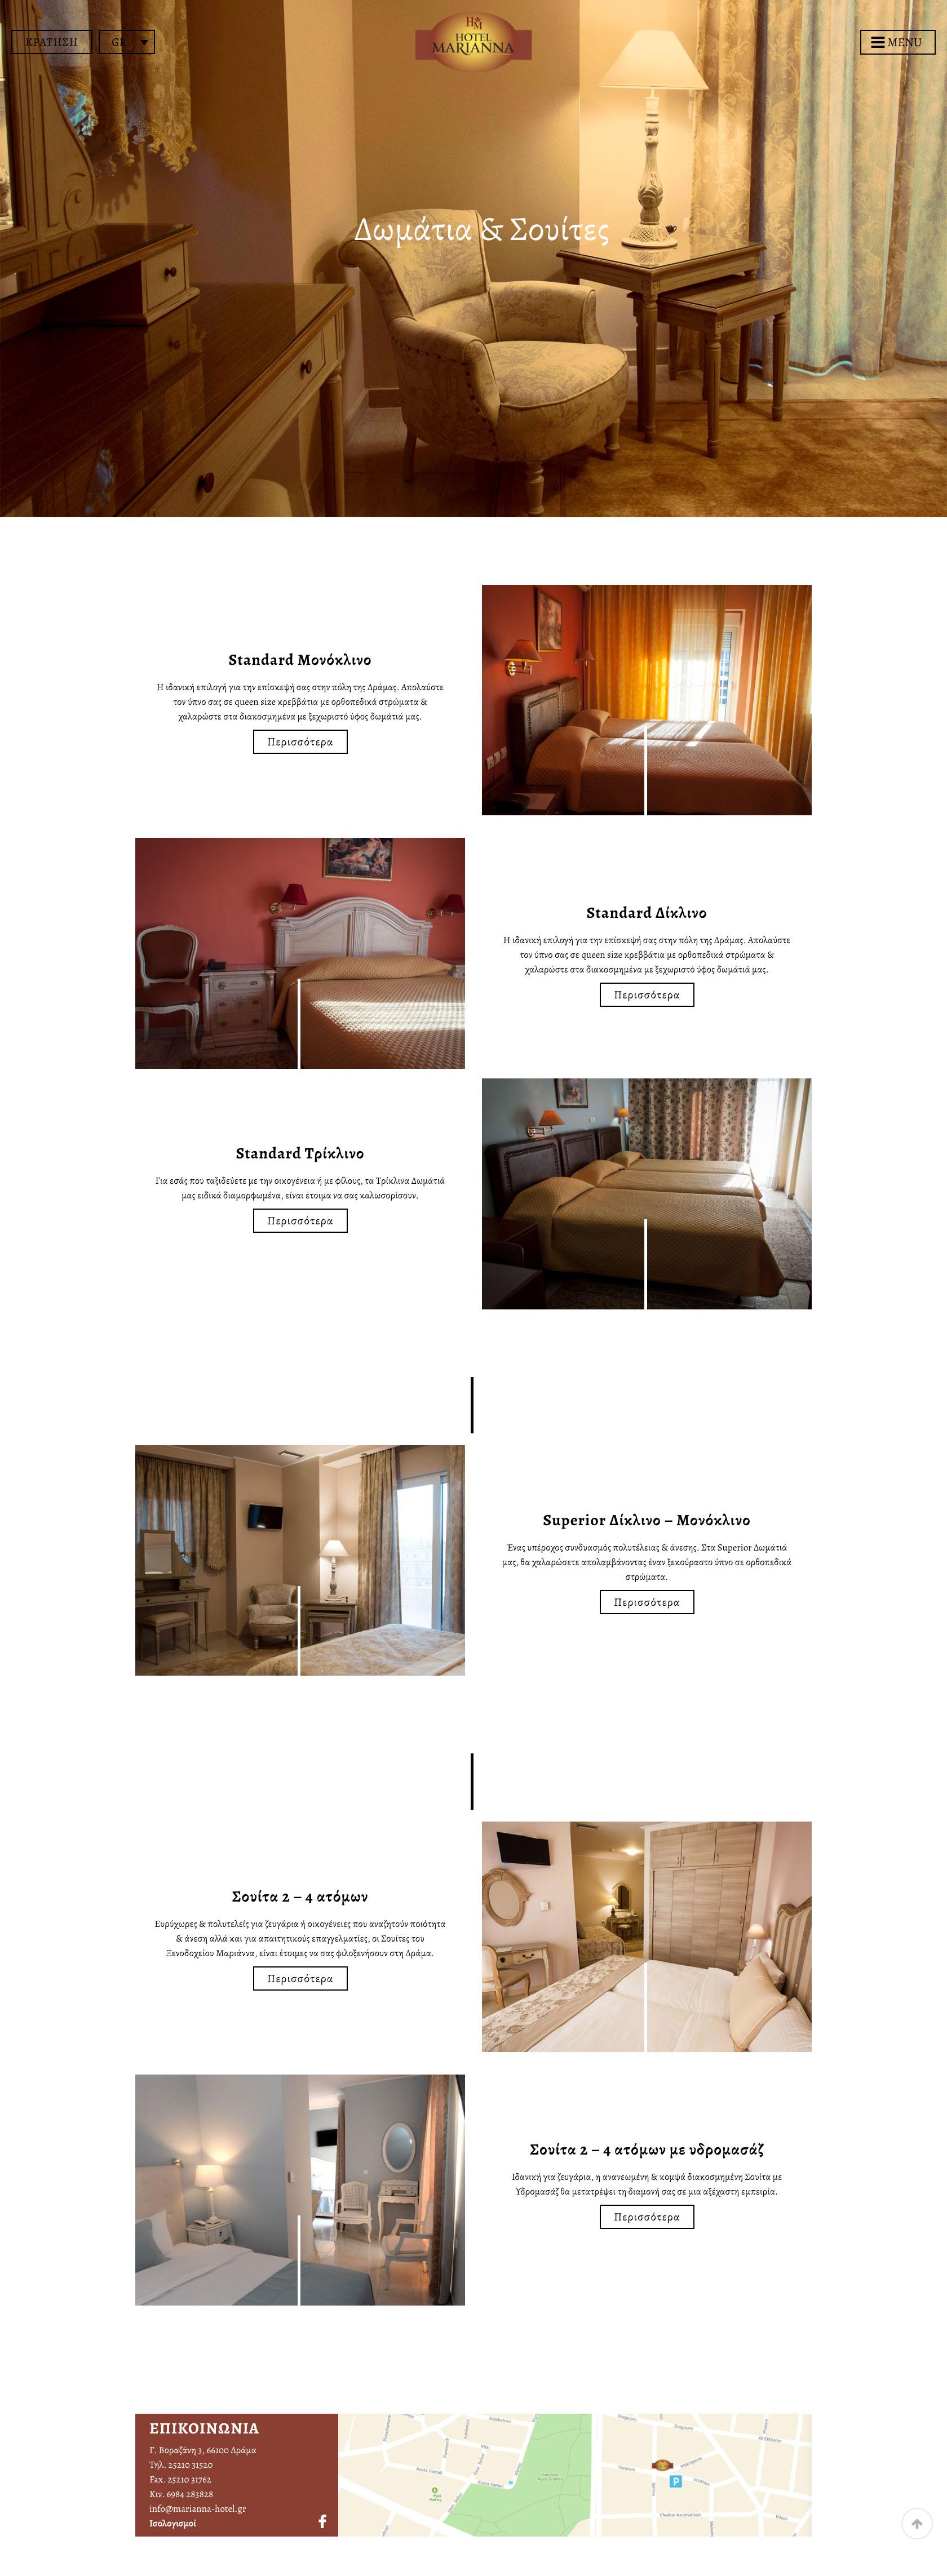 marianna-hotel-scr-2